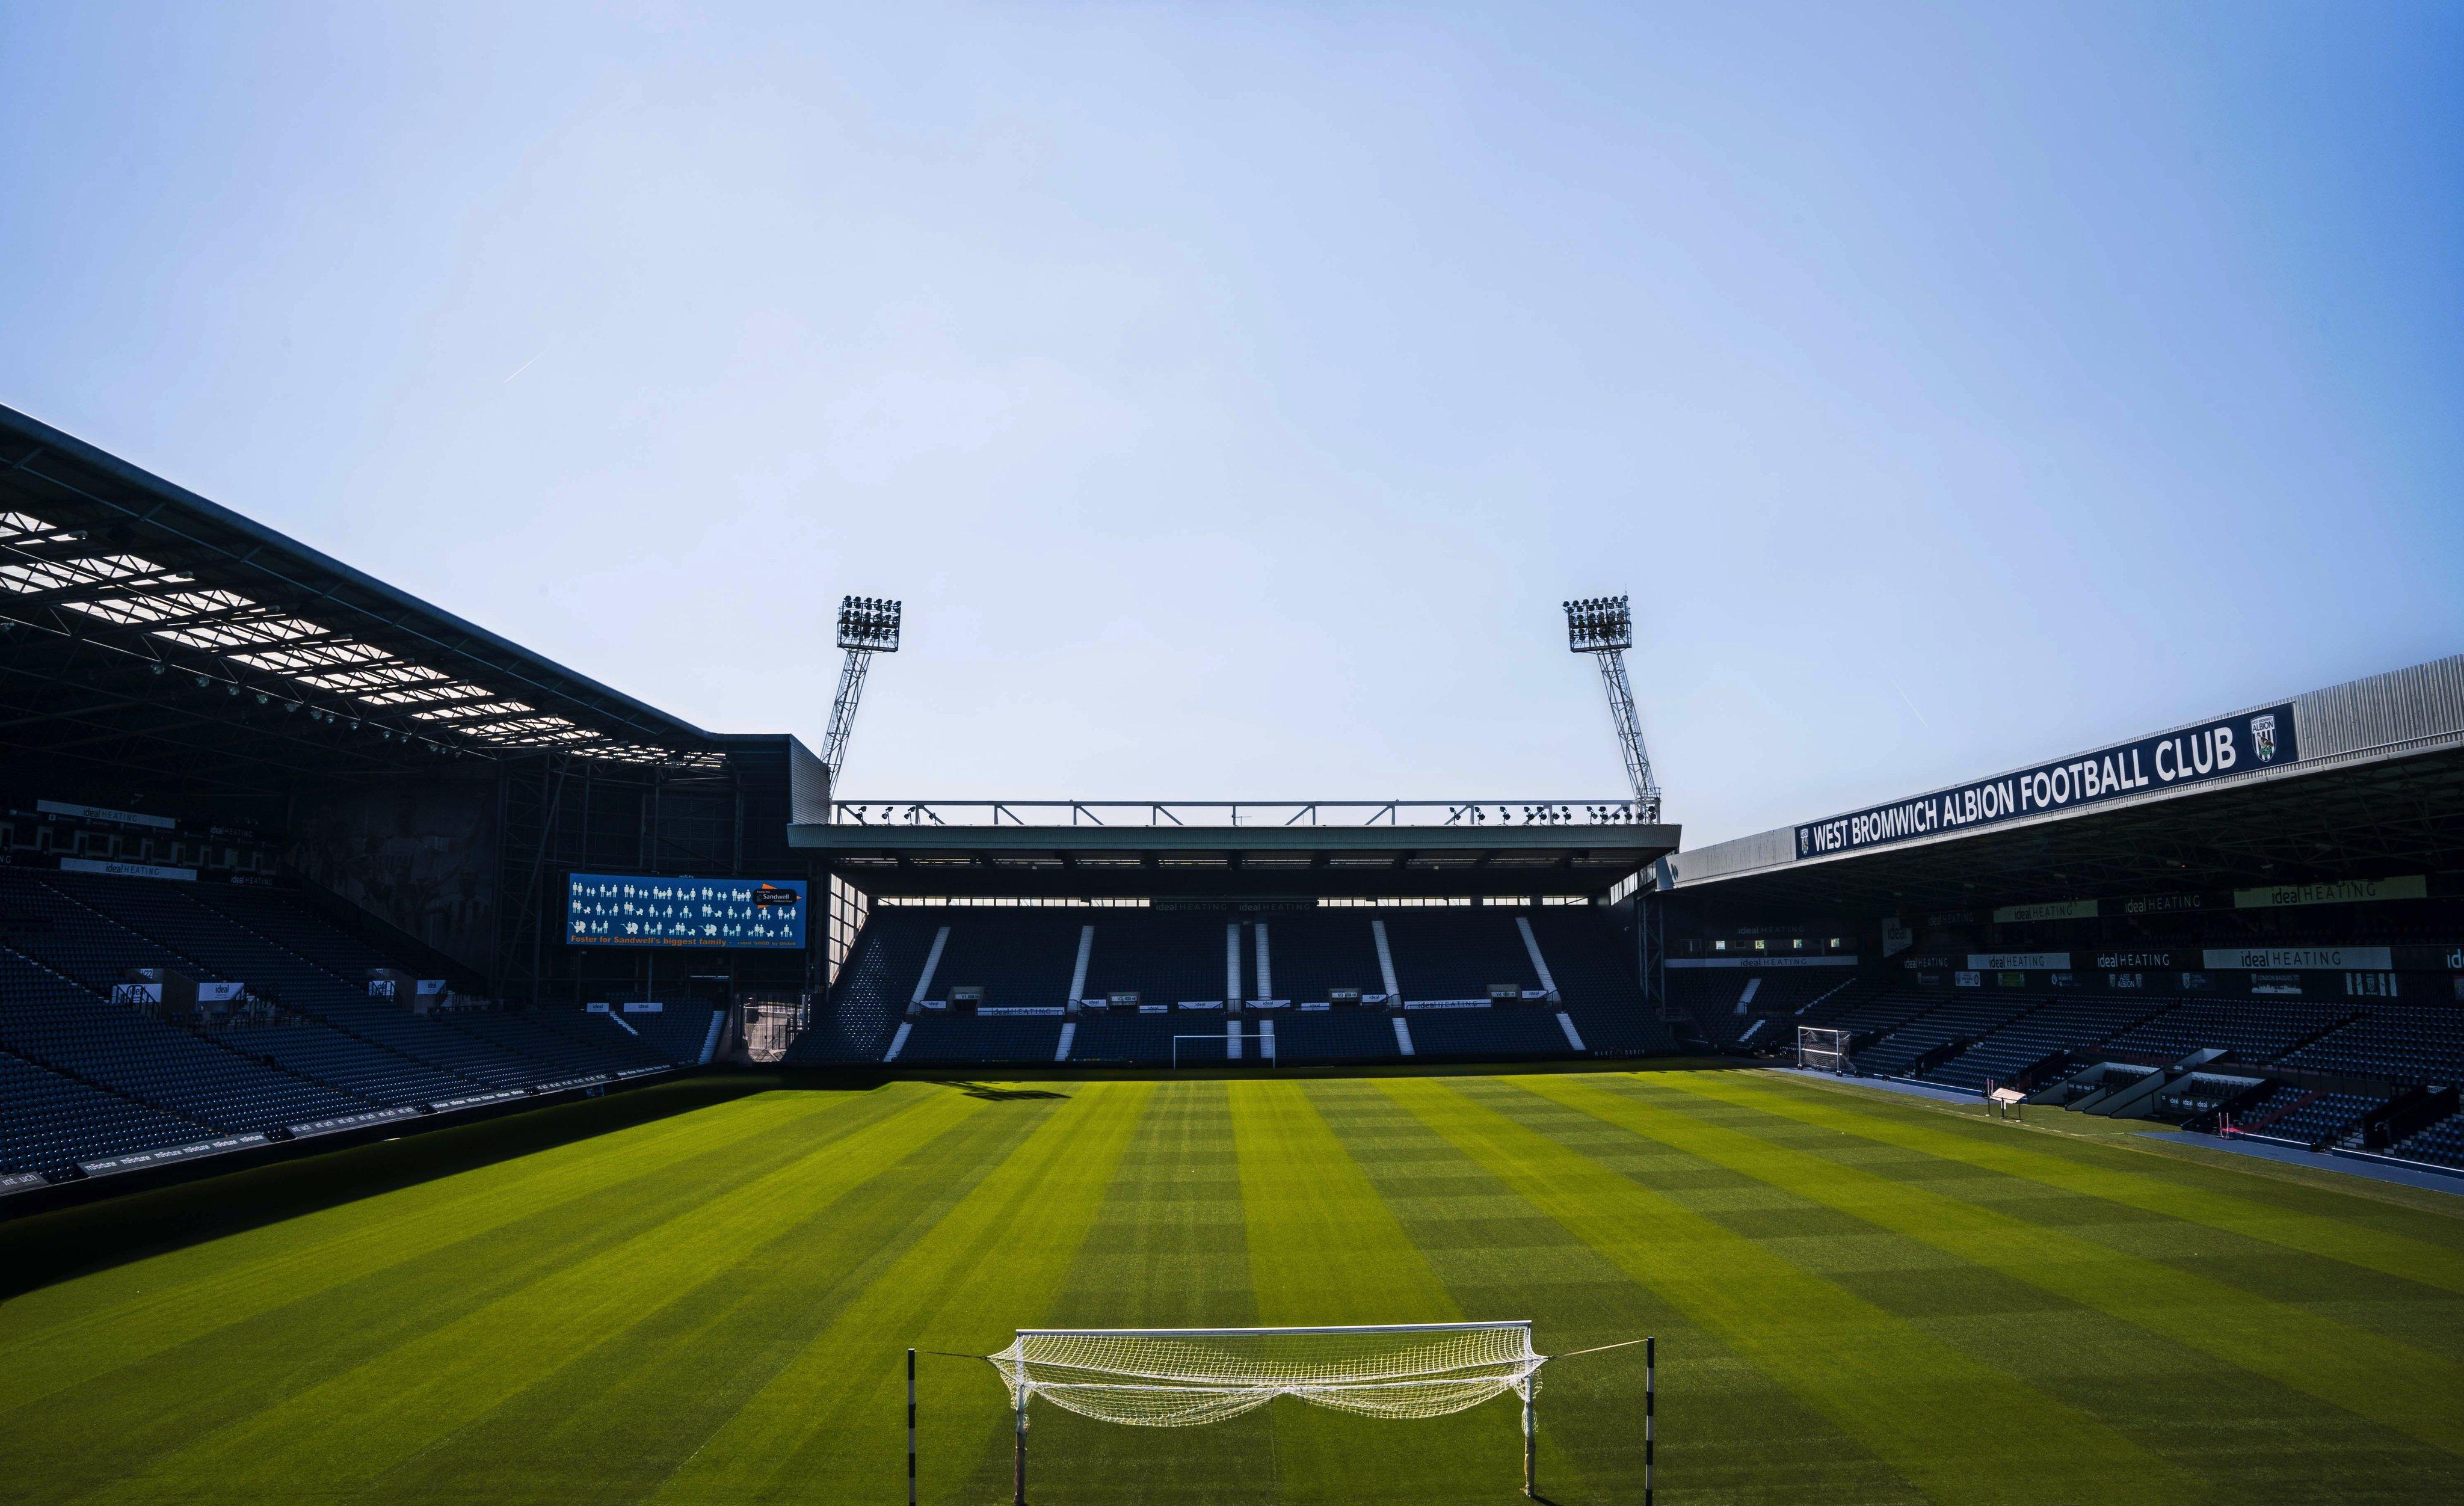 Η Γουέστ Μπρομ απαγόρευσε δια βίου την είσοδο στο γήπεδο σε οπαδό της λόγω ρατσιστικής επίθεσης